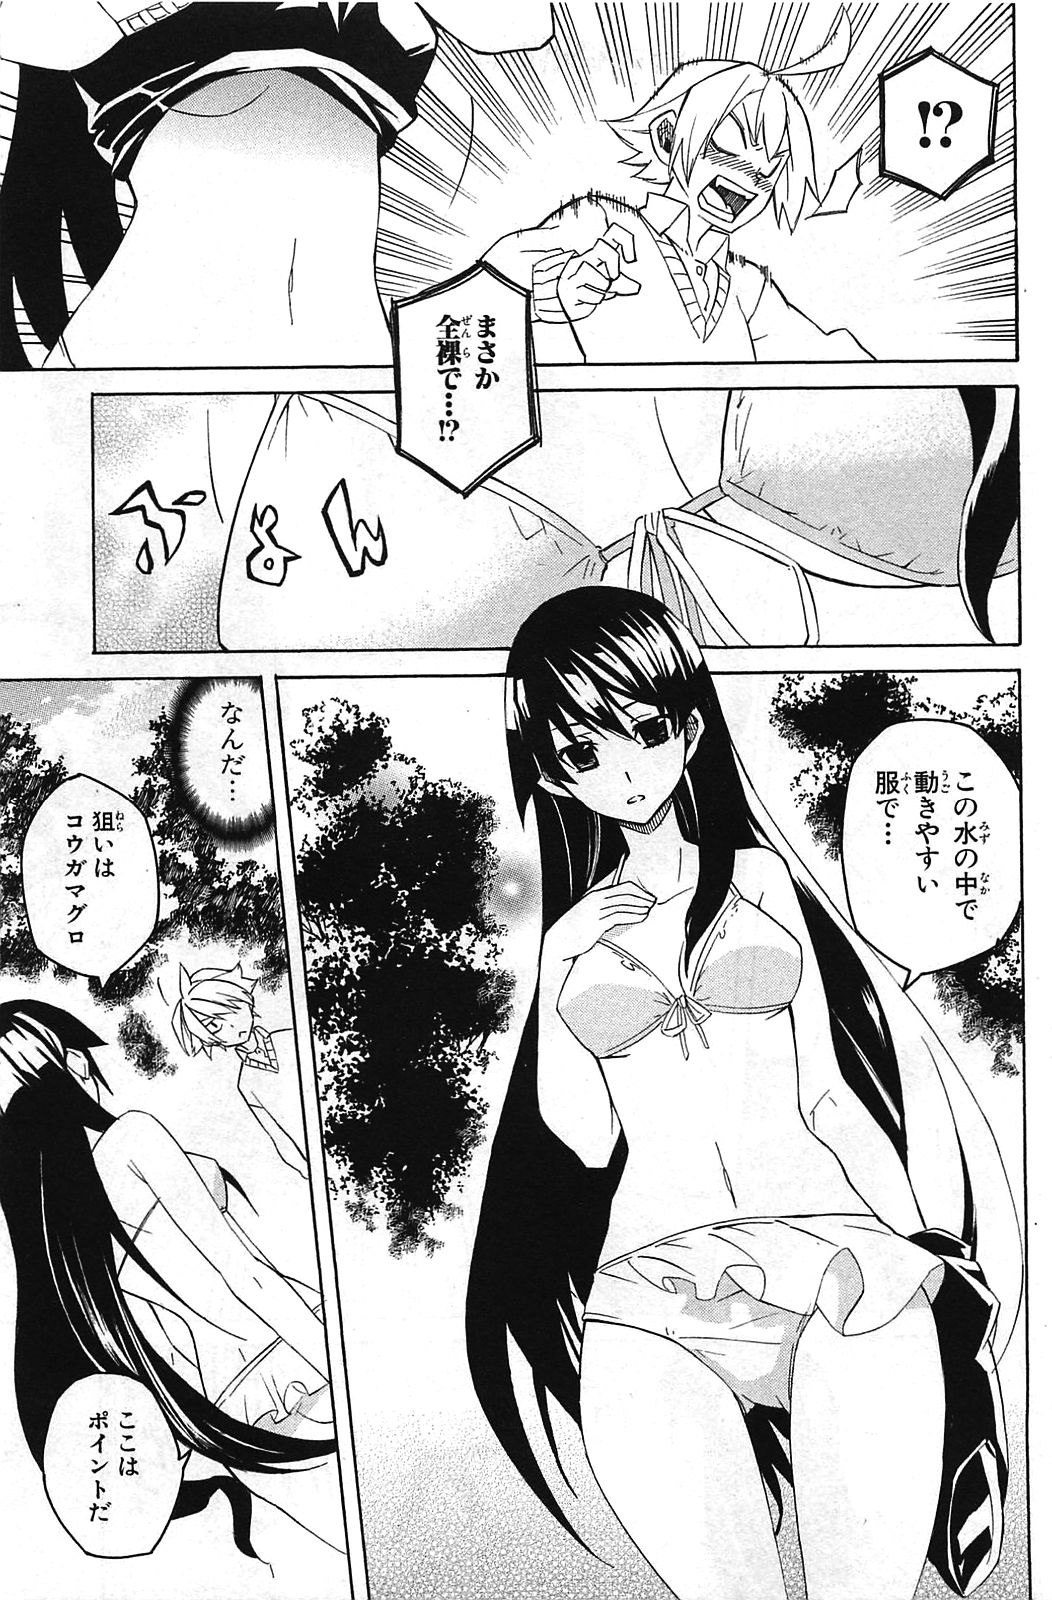 Ga sex manga kill Akame